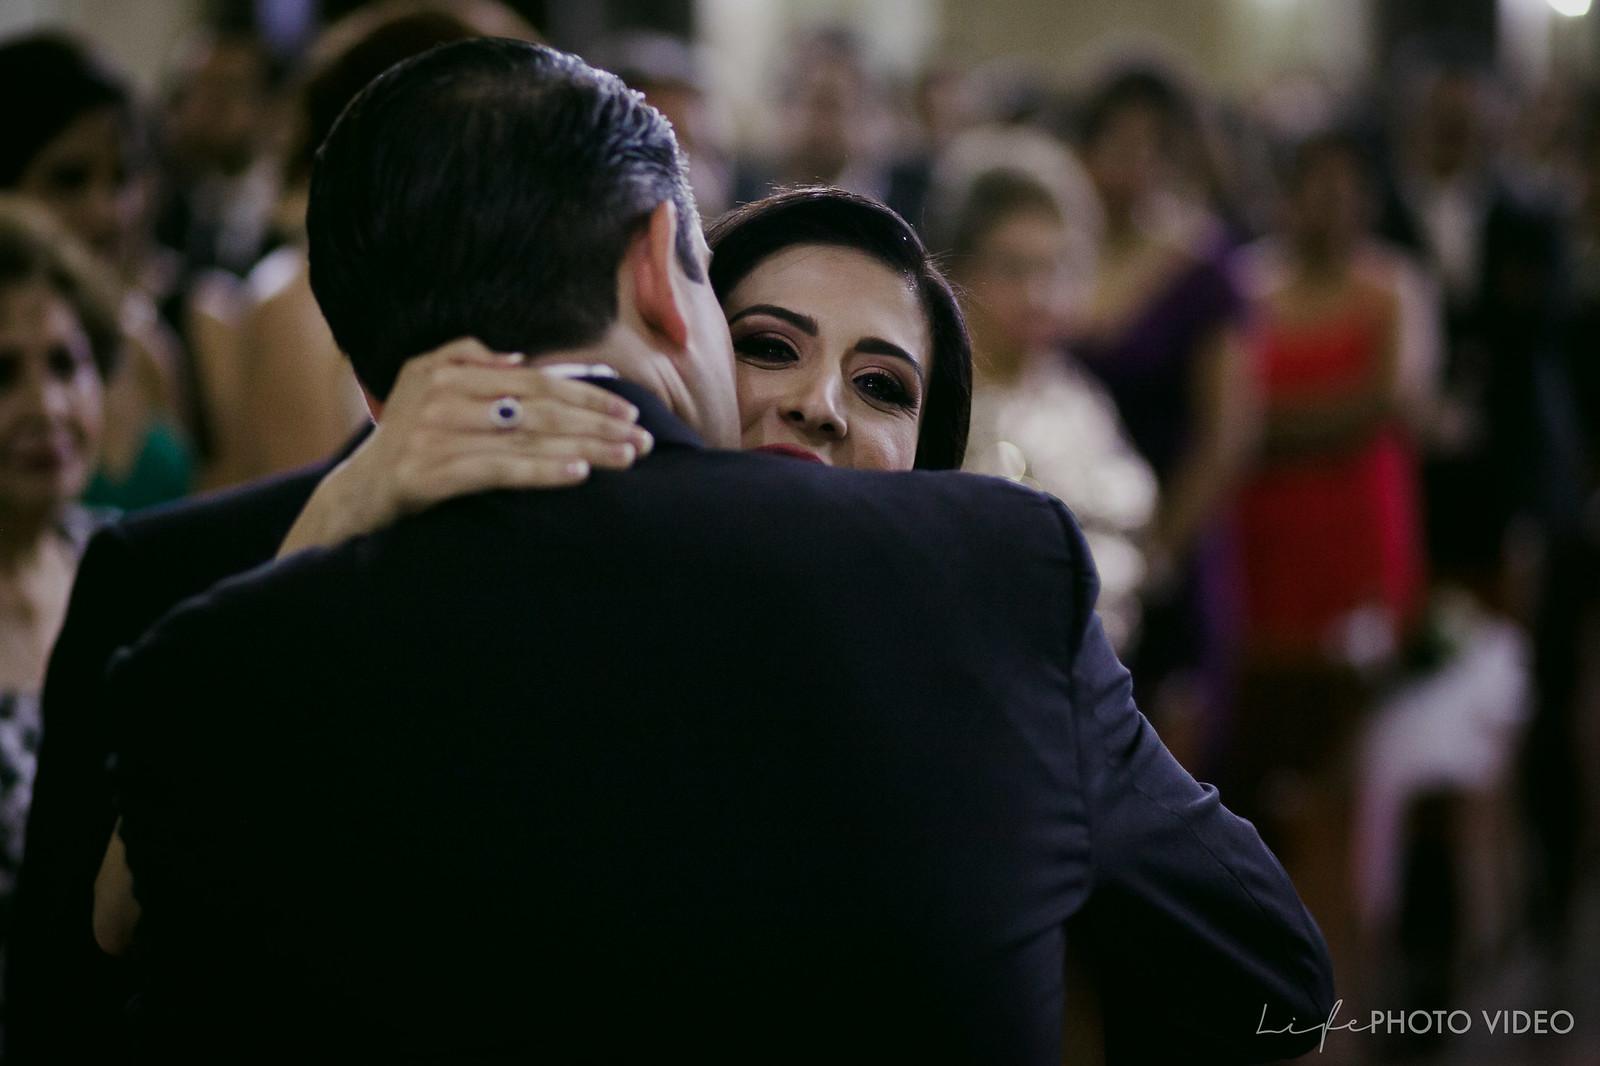 Boda_Leon_Guanajuato_Wedding_0060